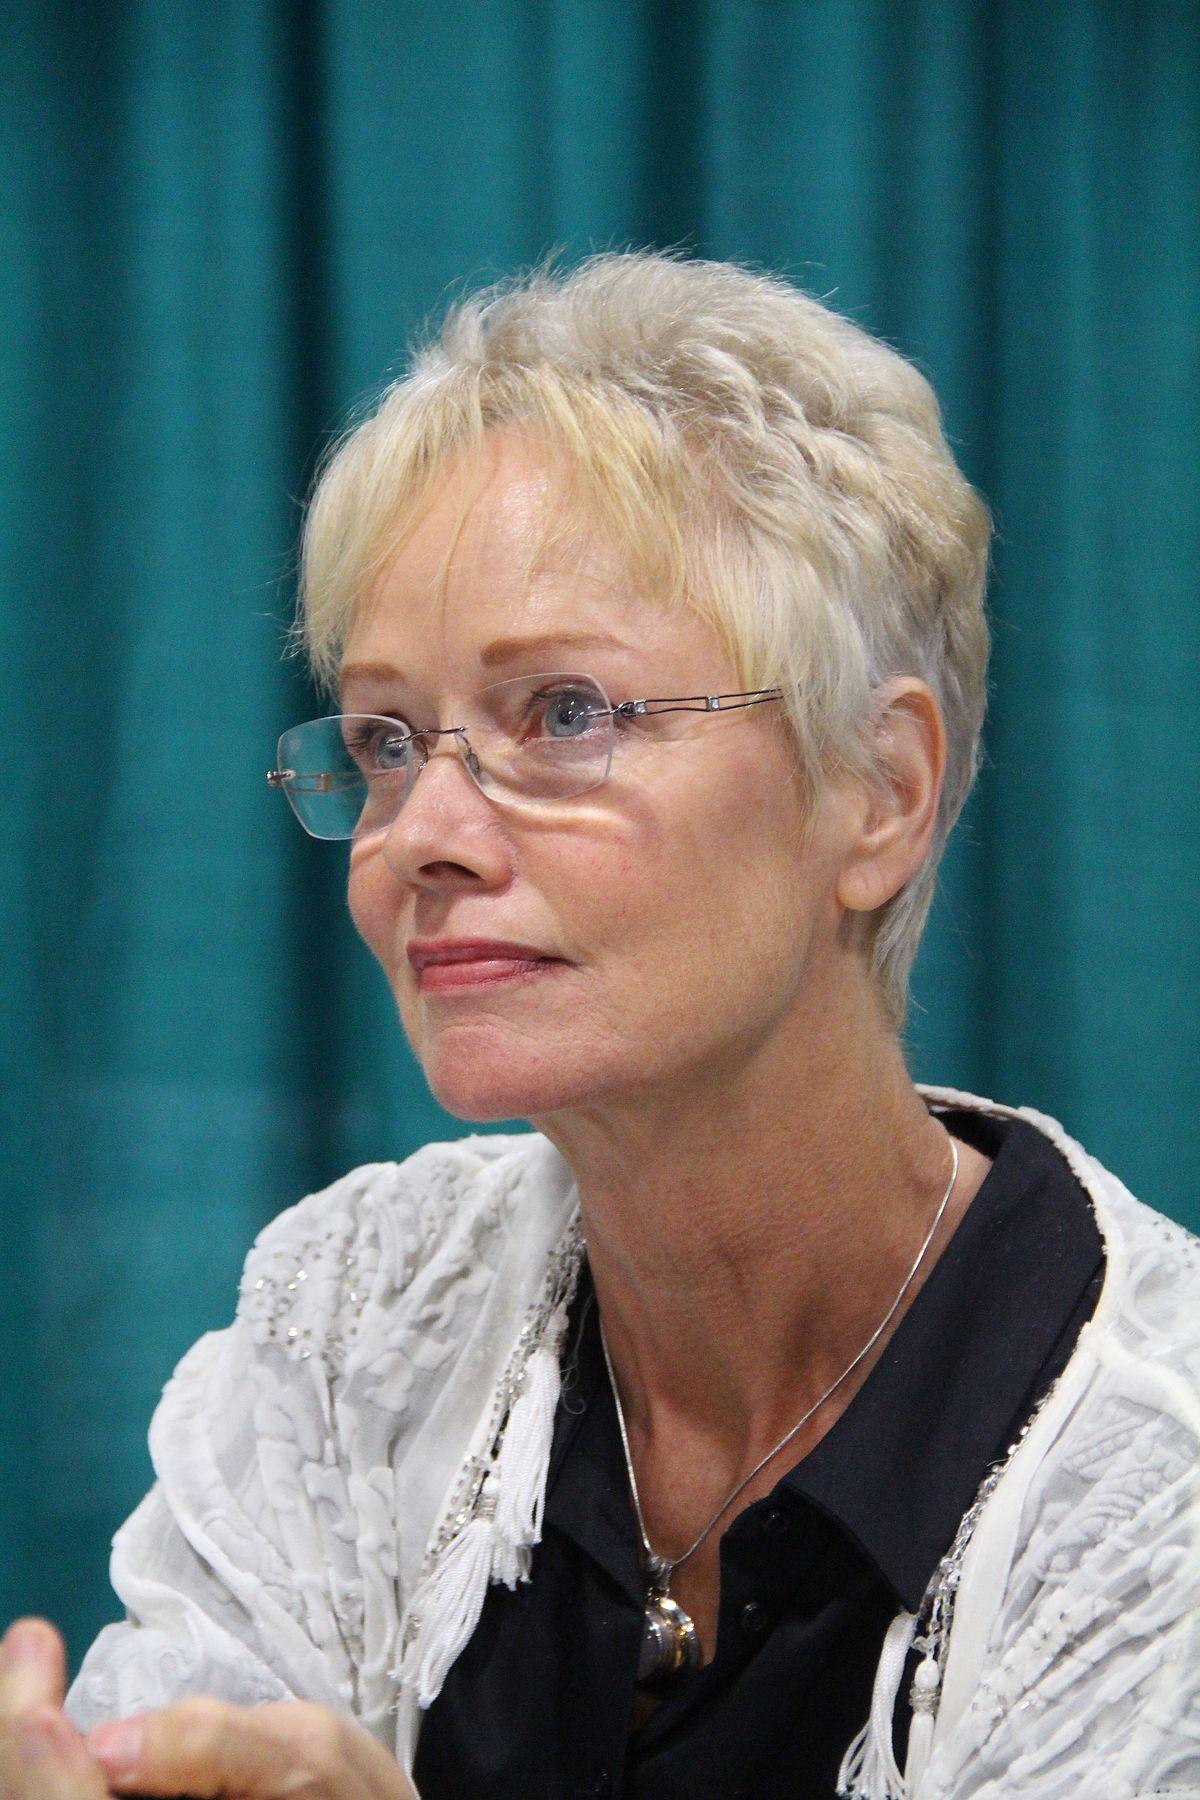 Audrey Wood Wikipedia